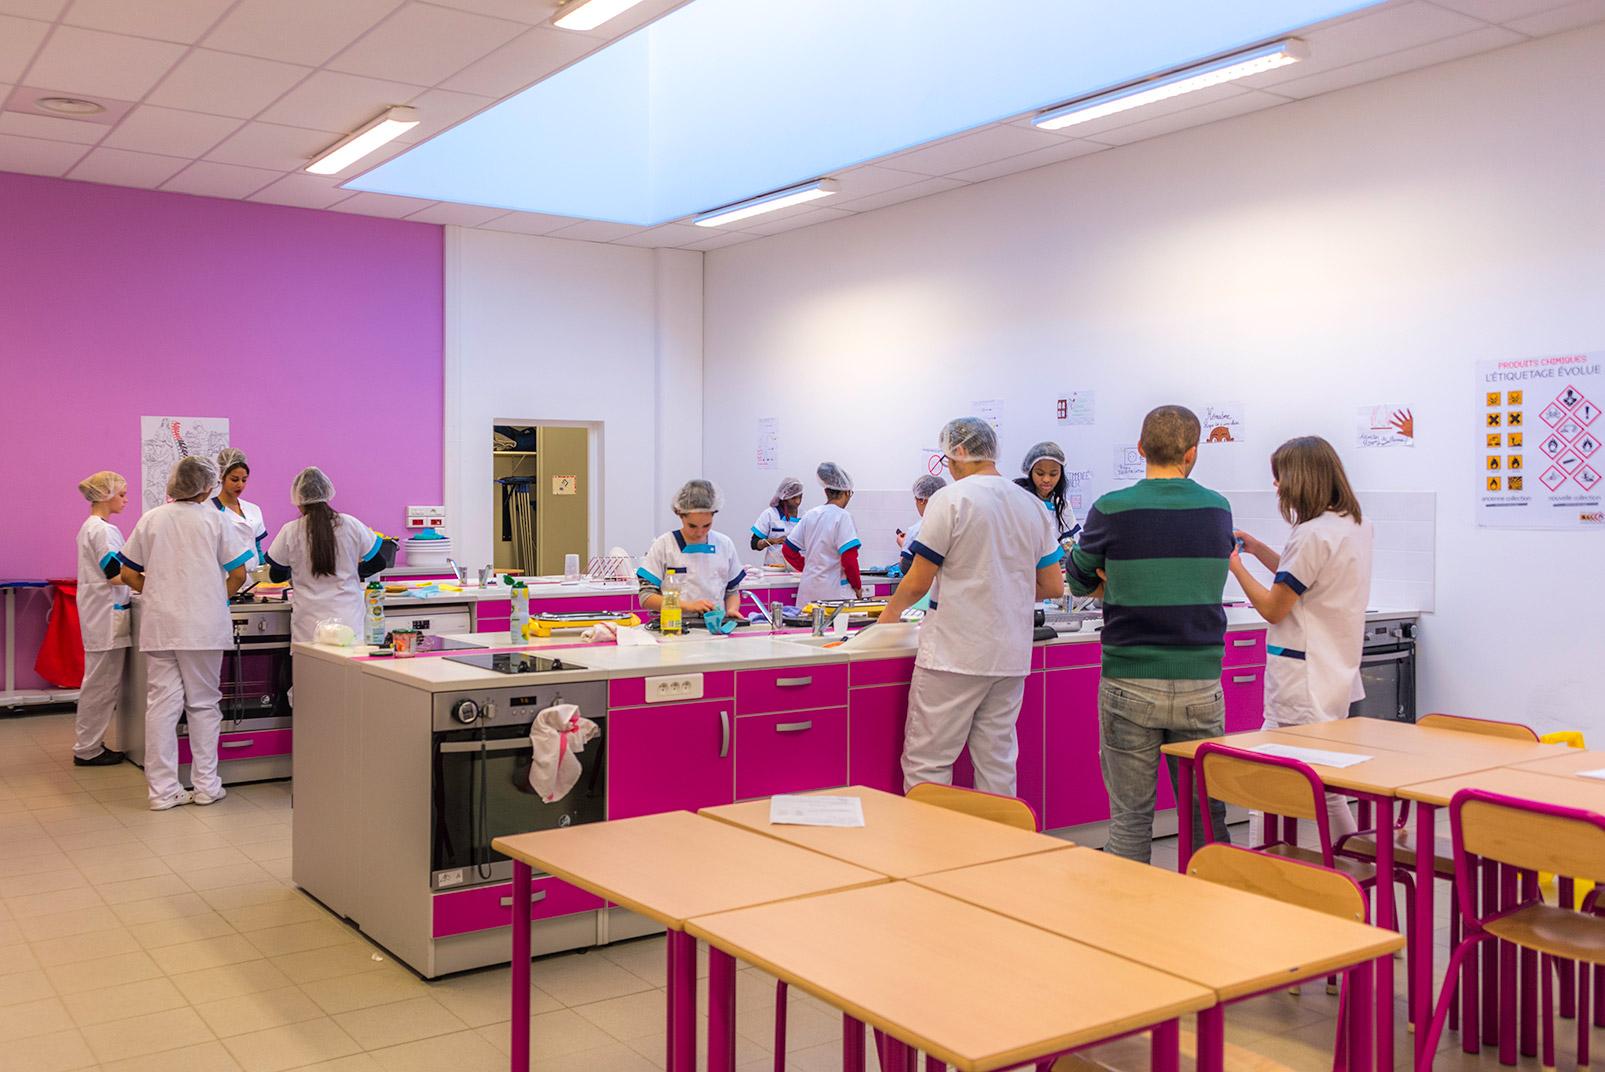 Projet Cuisine Pedagogique